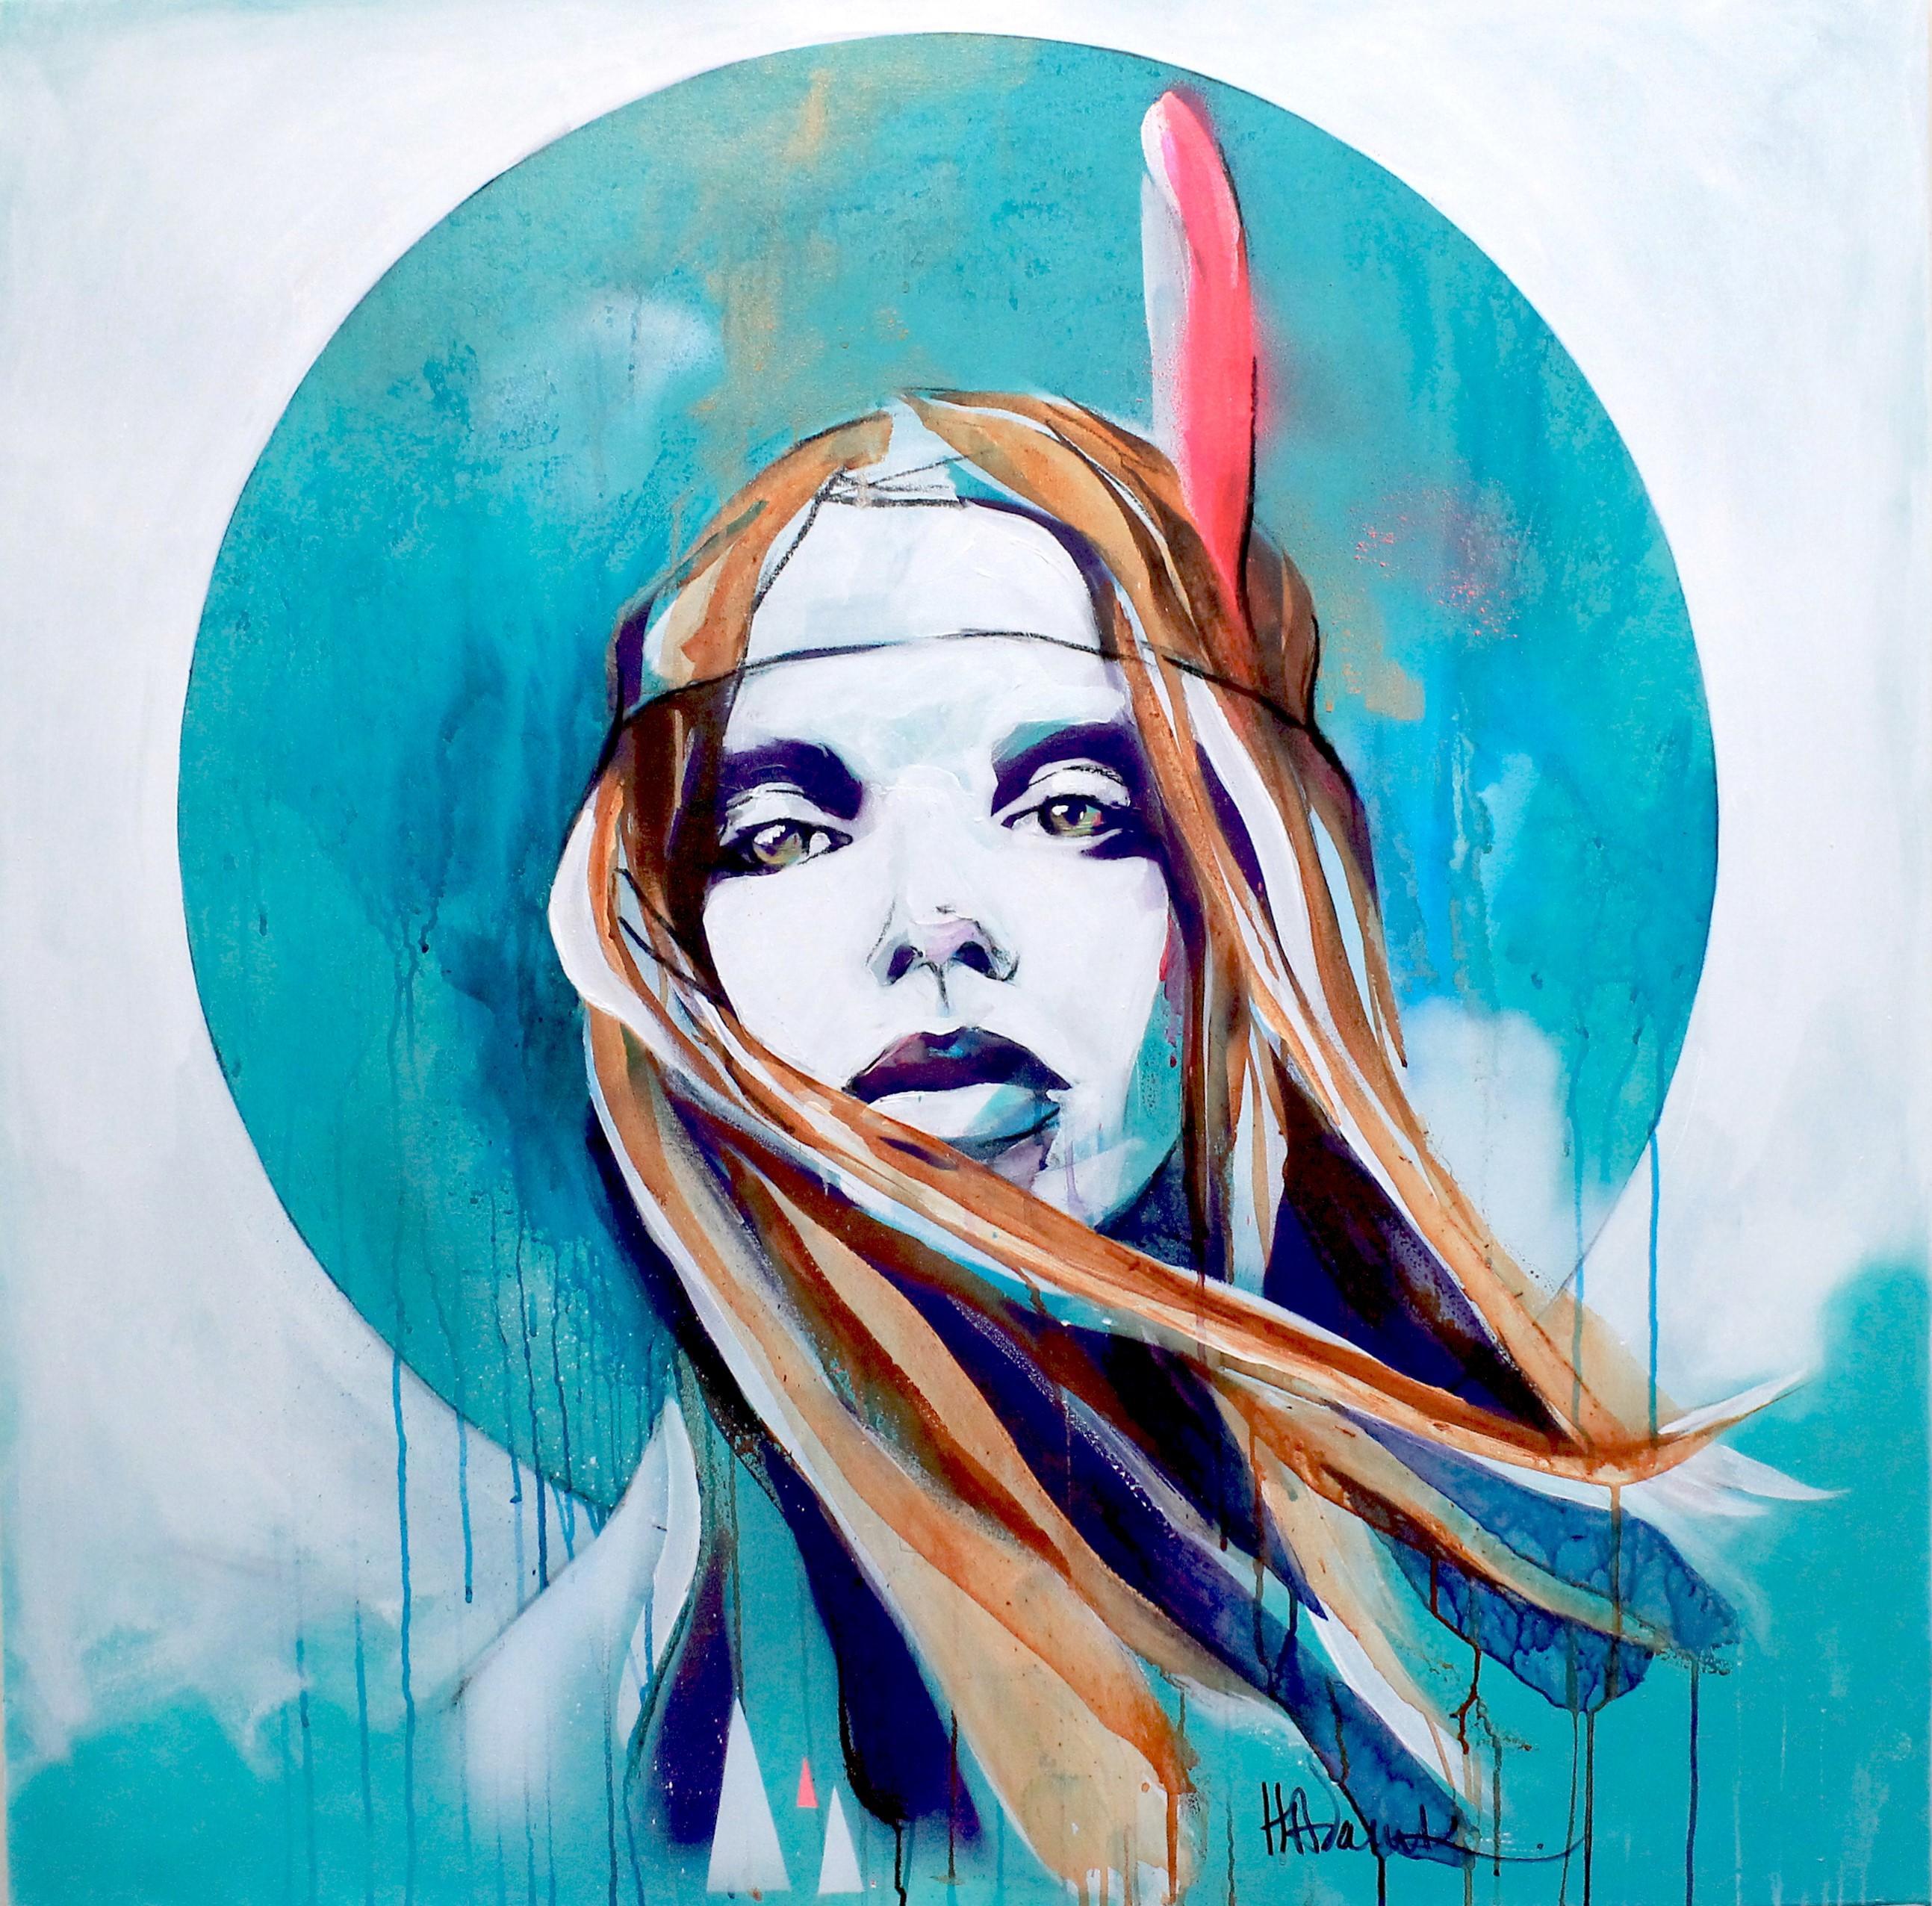 Stroke Art Fair 2013 Berlin - Hannah Adamaszek - Adriatic